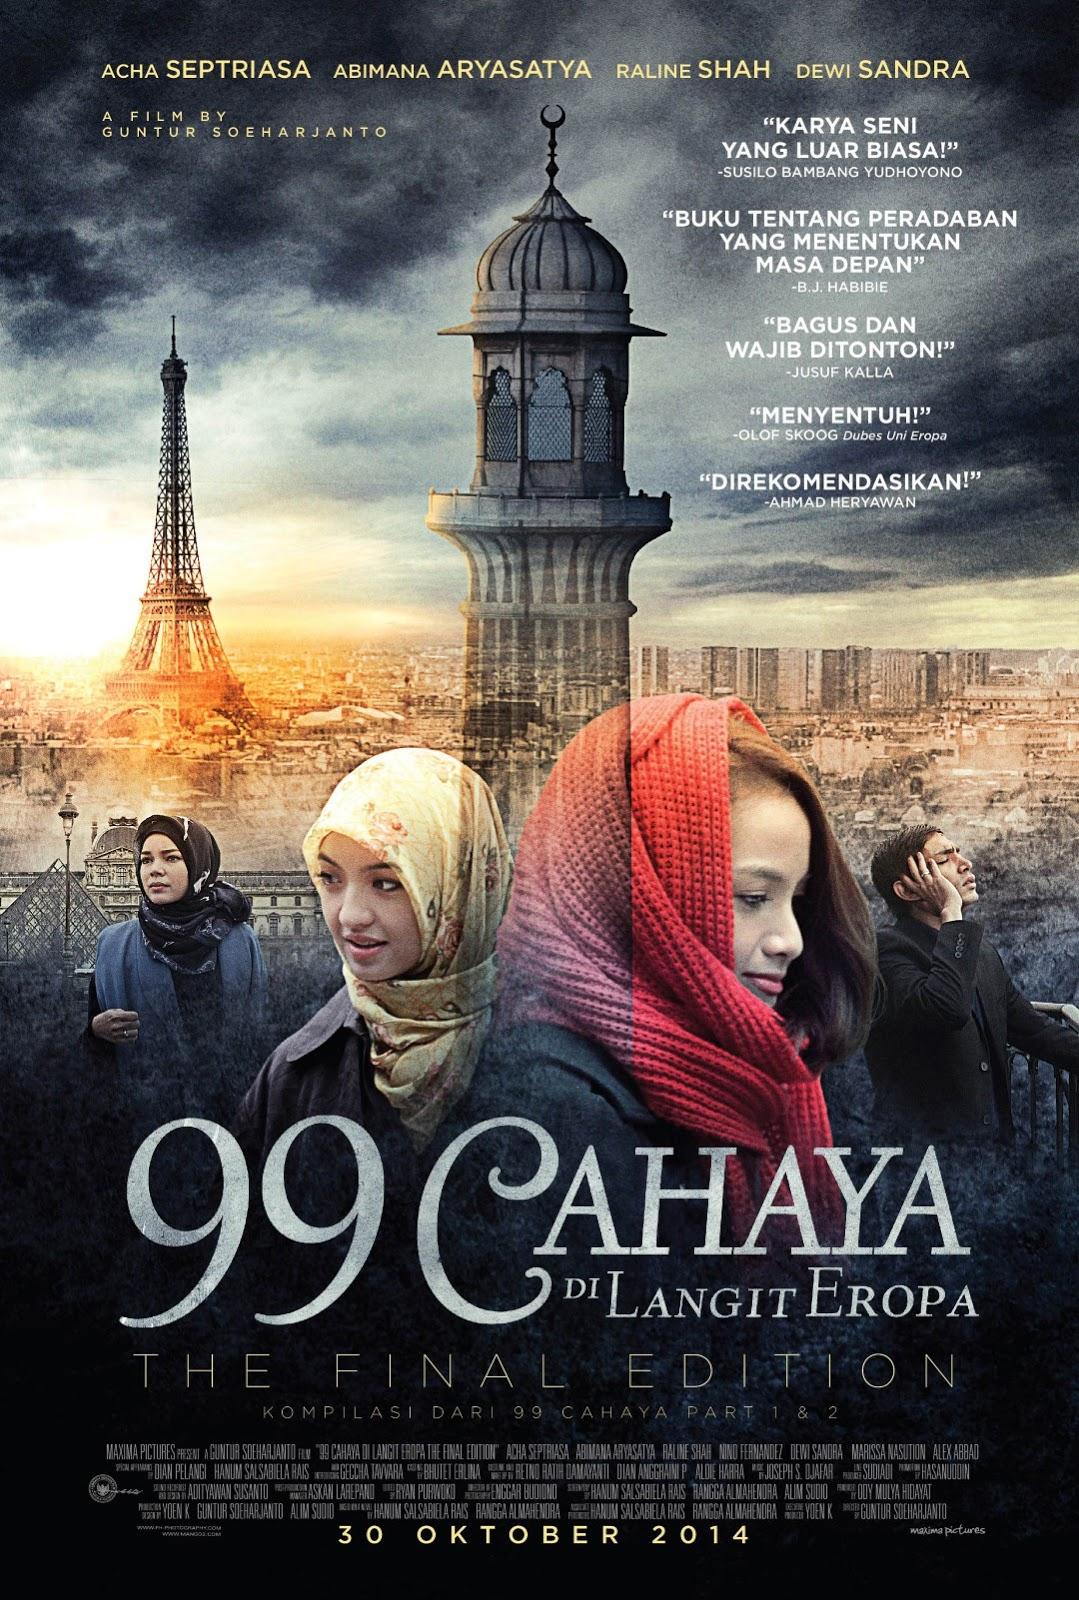 99 Cahaya di Langit Eropa